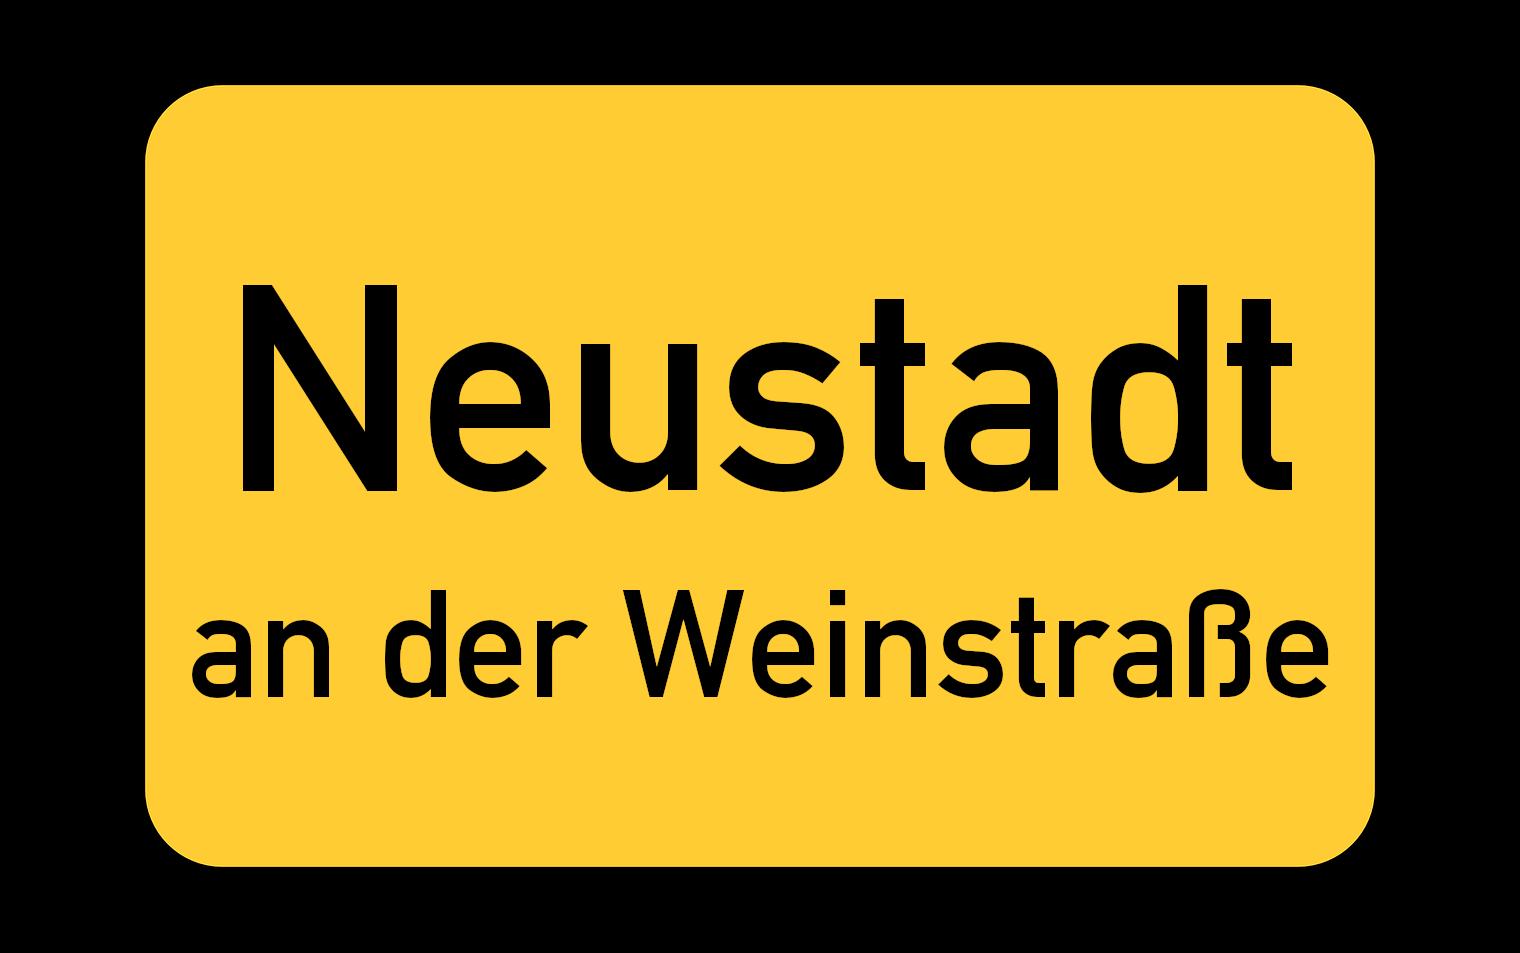 Isotox Schädlingsbekämpfung in Neustadt an der Weinstraße